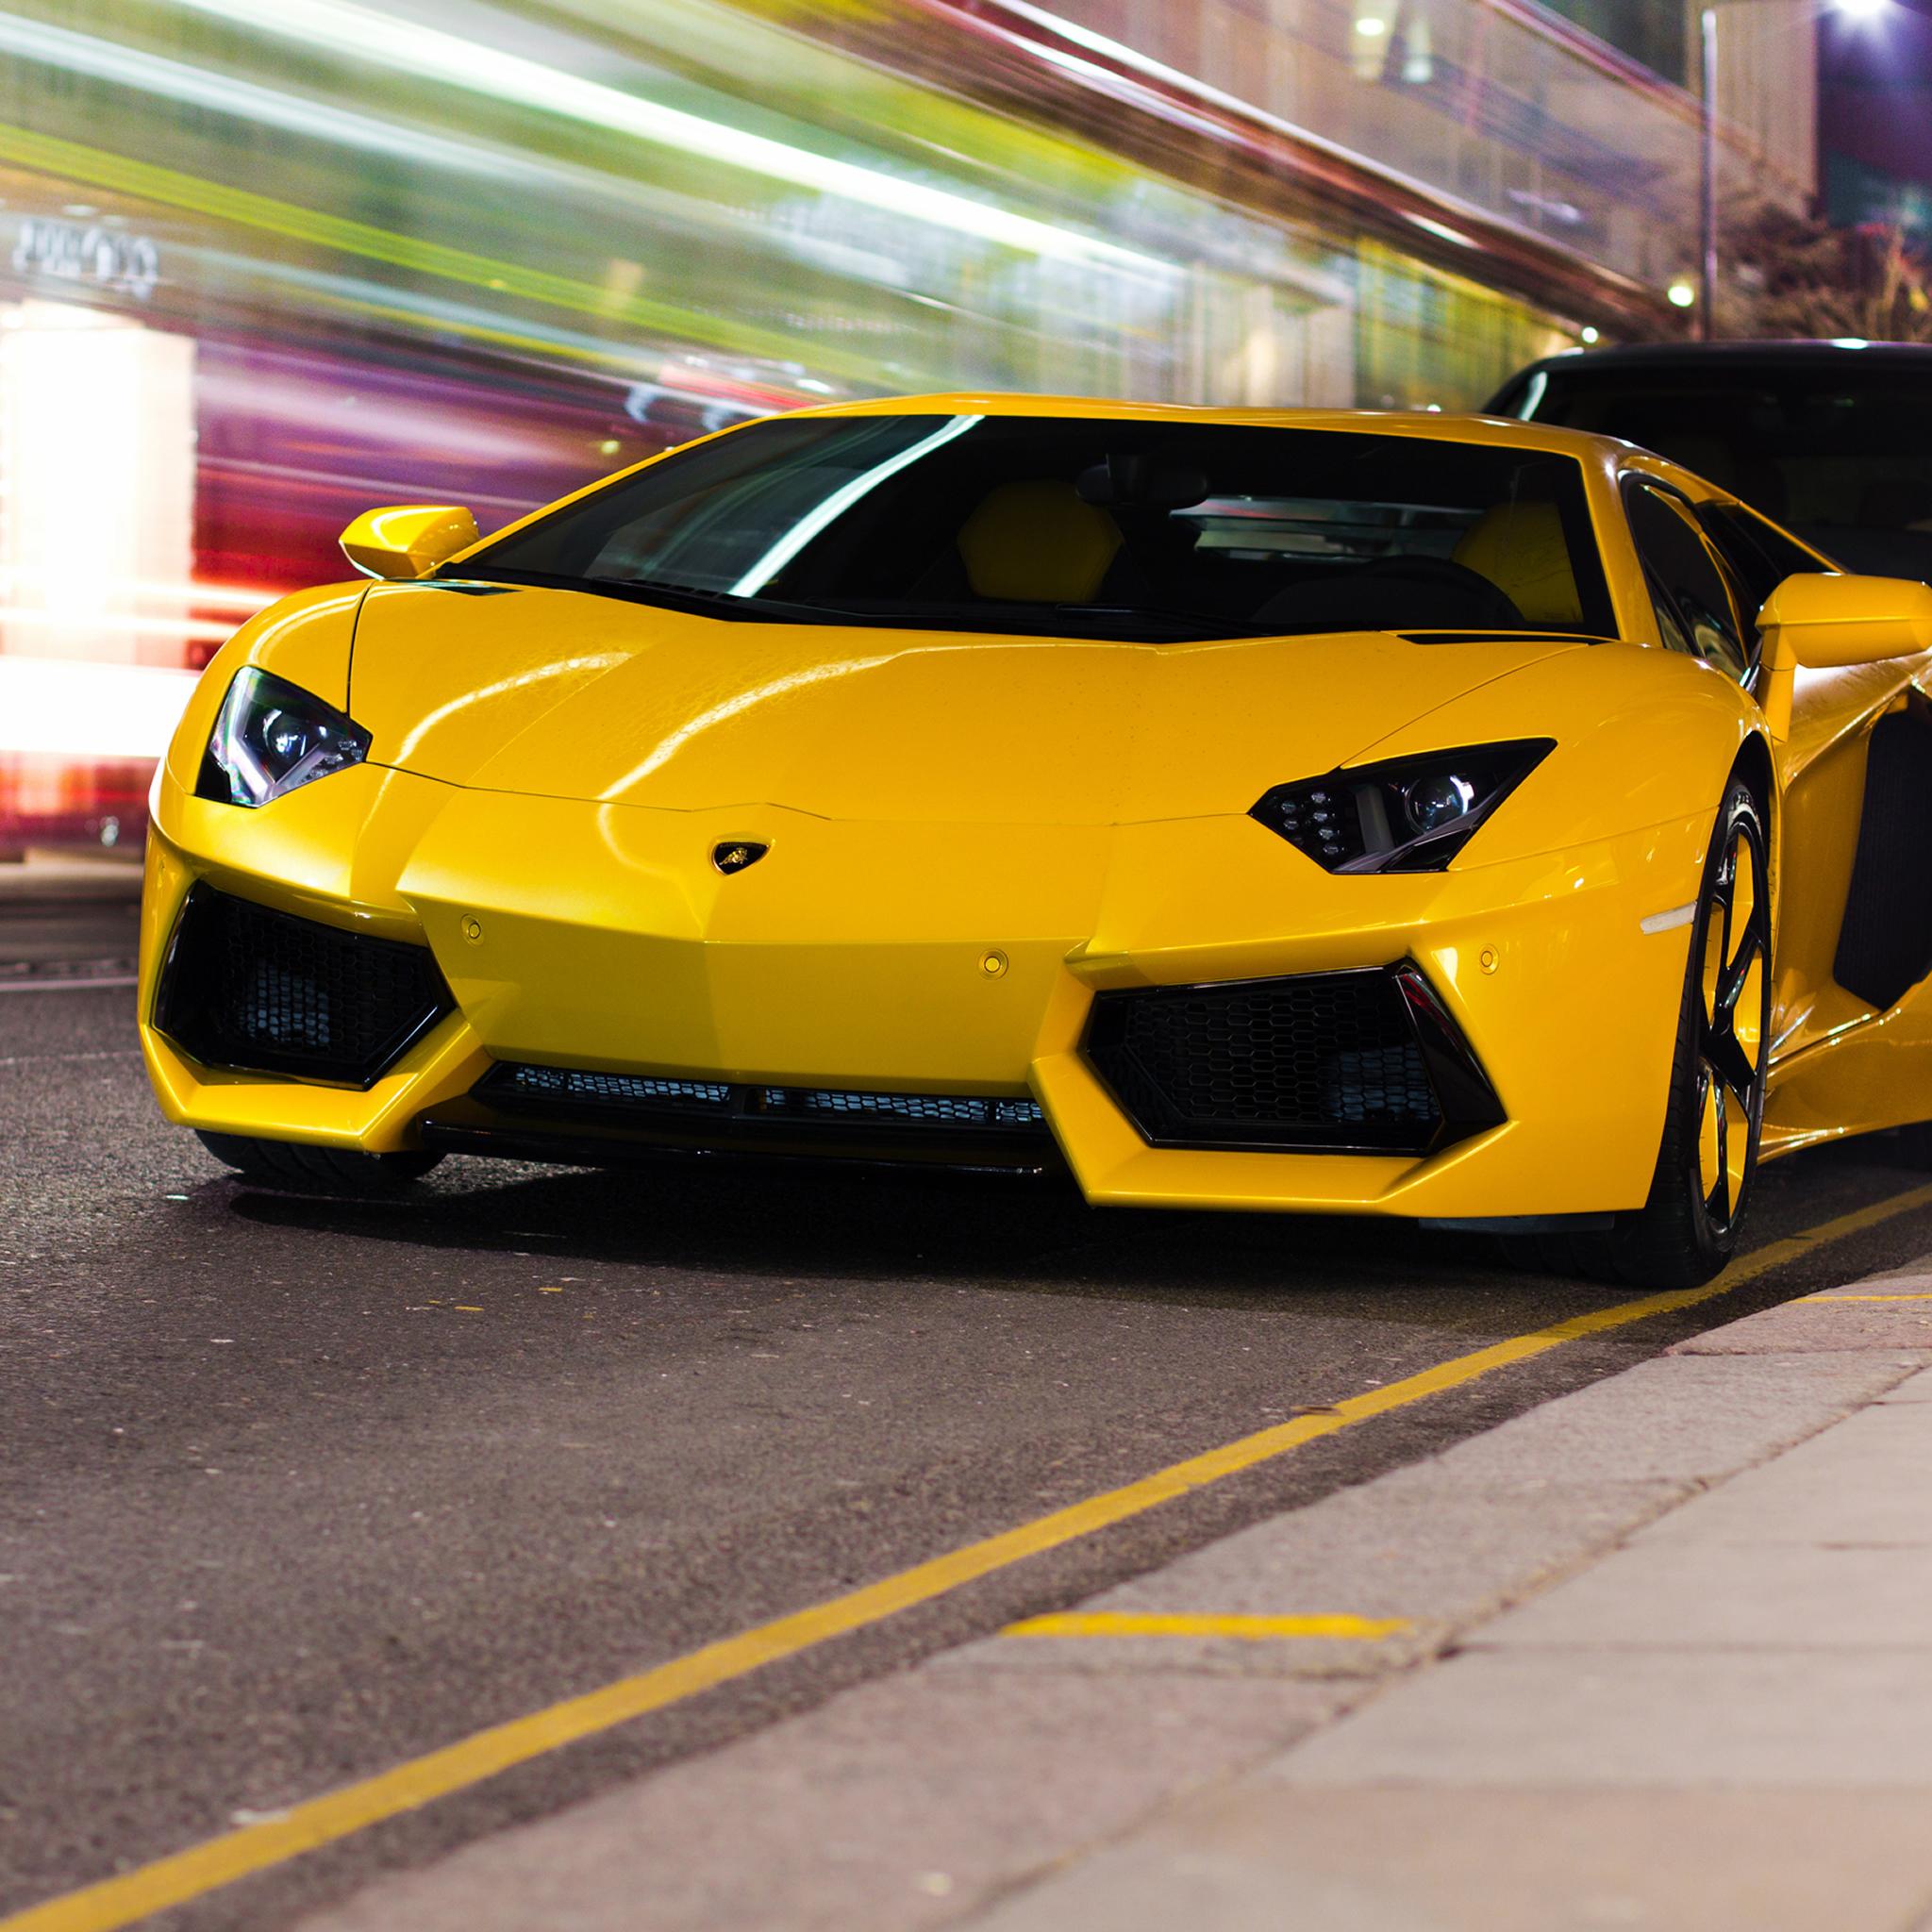 Lamborghini The new iPad wallpaper ilikewallpaper com Lamborghini   iPad